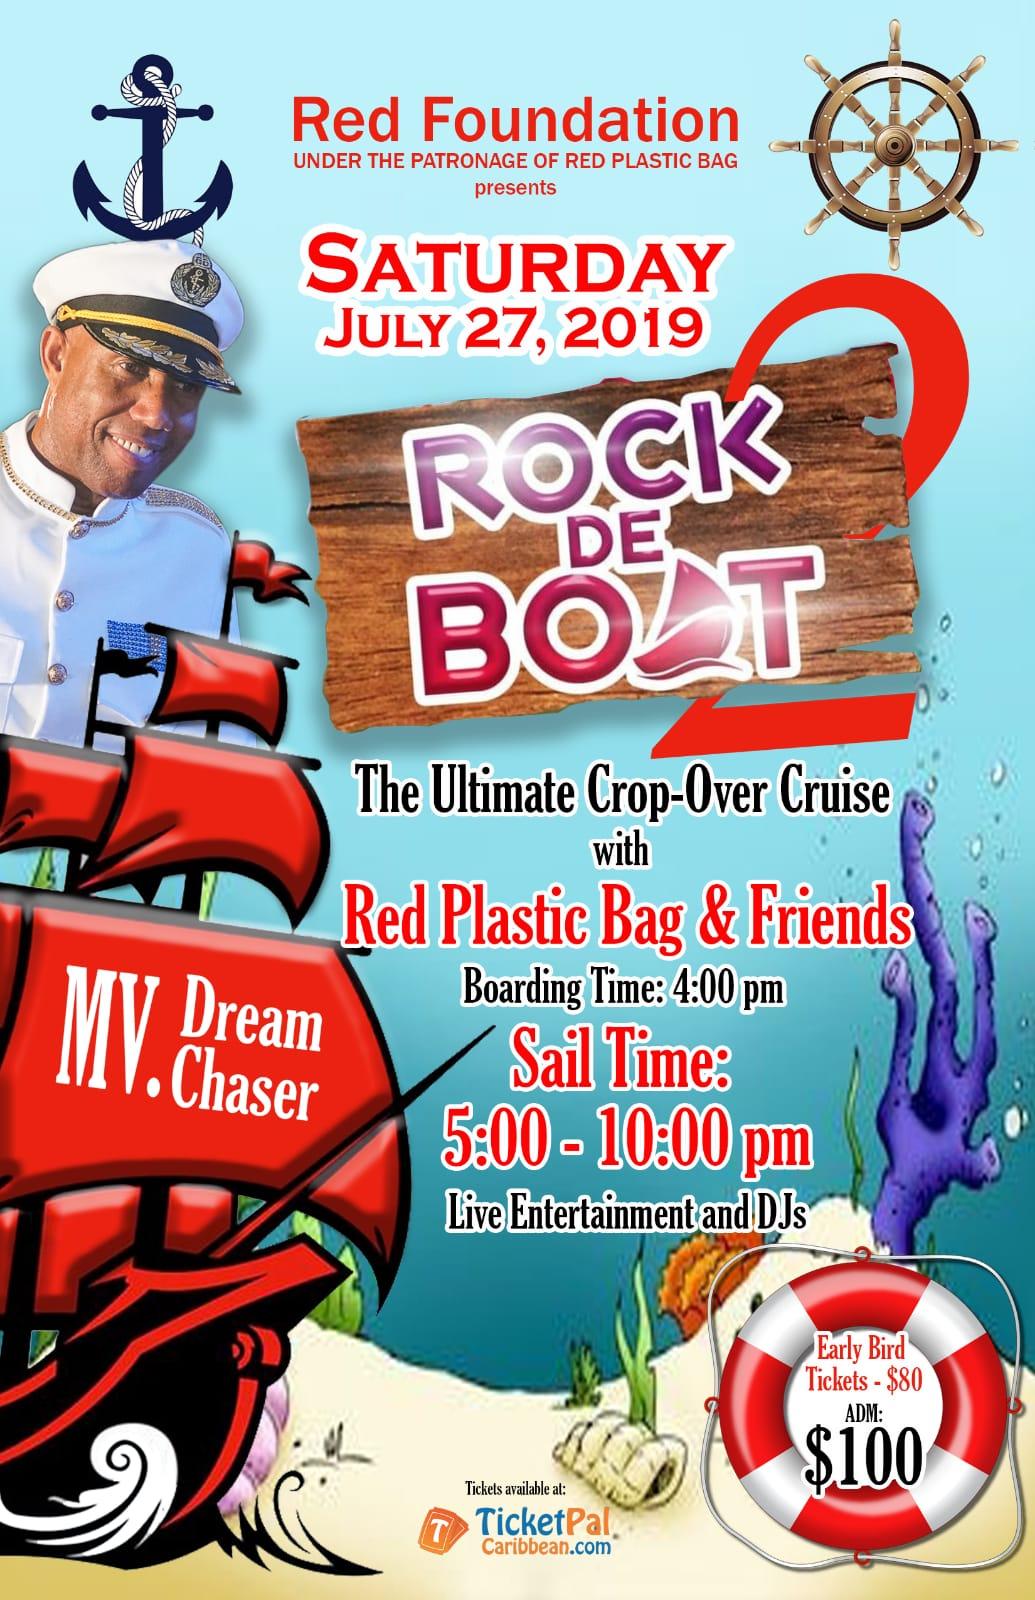 Rock de boat 2 - Red Plastic Bag